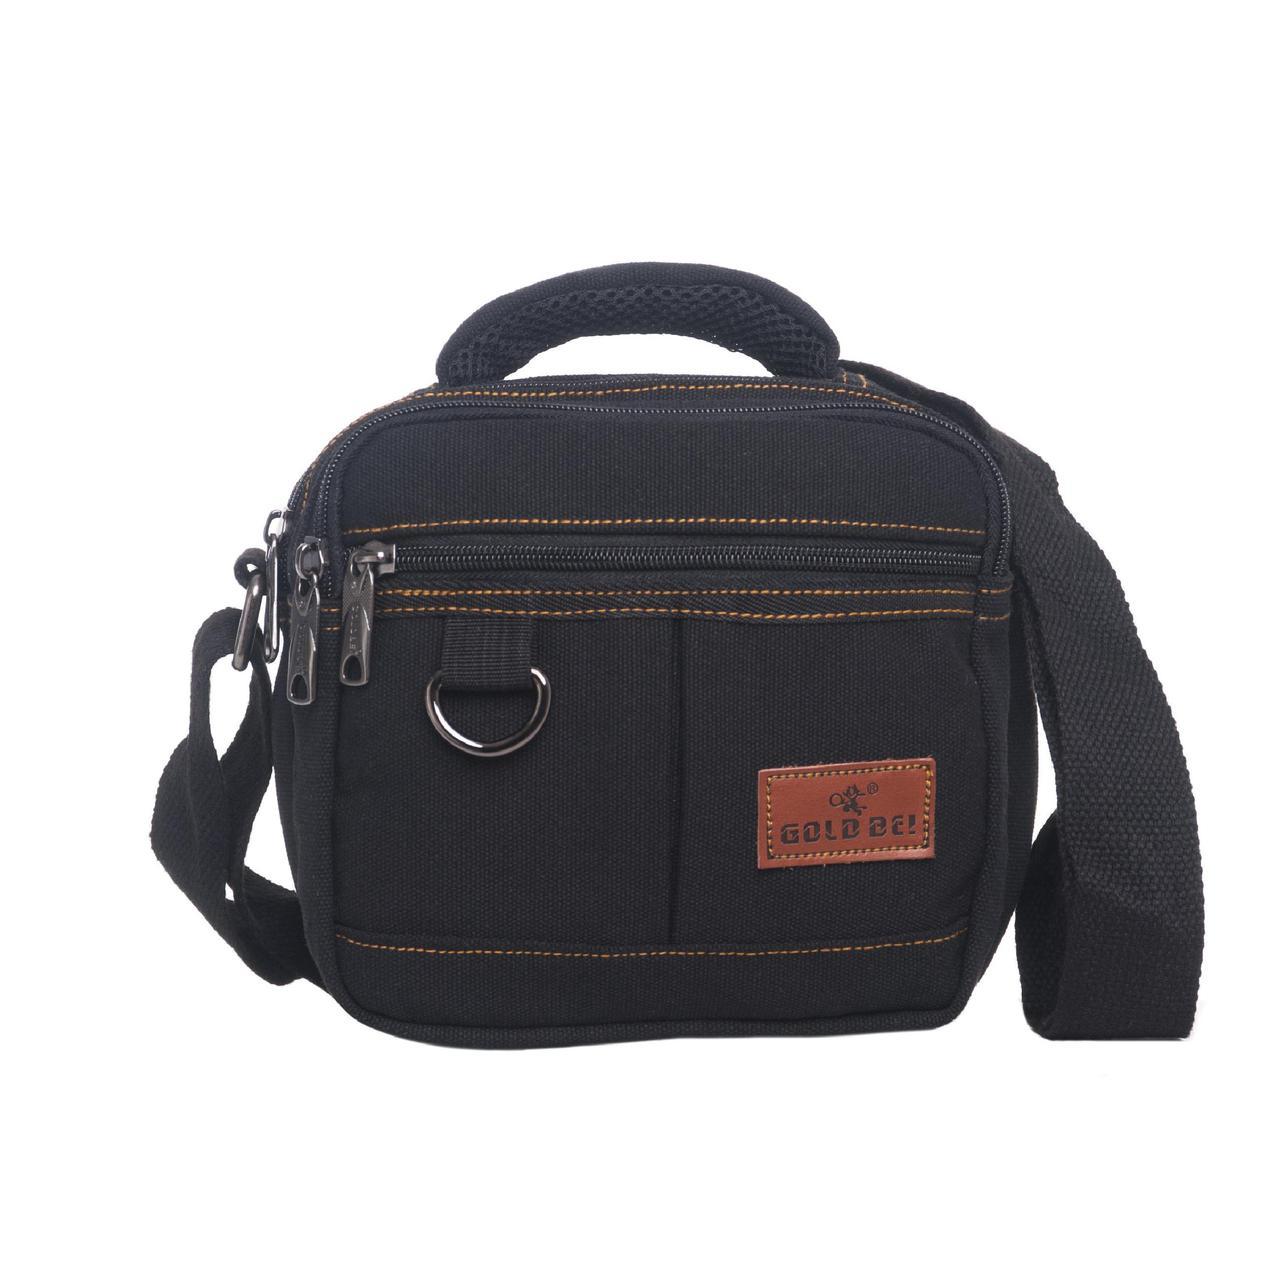 Мужская сумка горизонтальная GOLD BE 20х21х12 чёрная ткань брезент ксС999ч